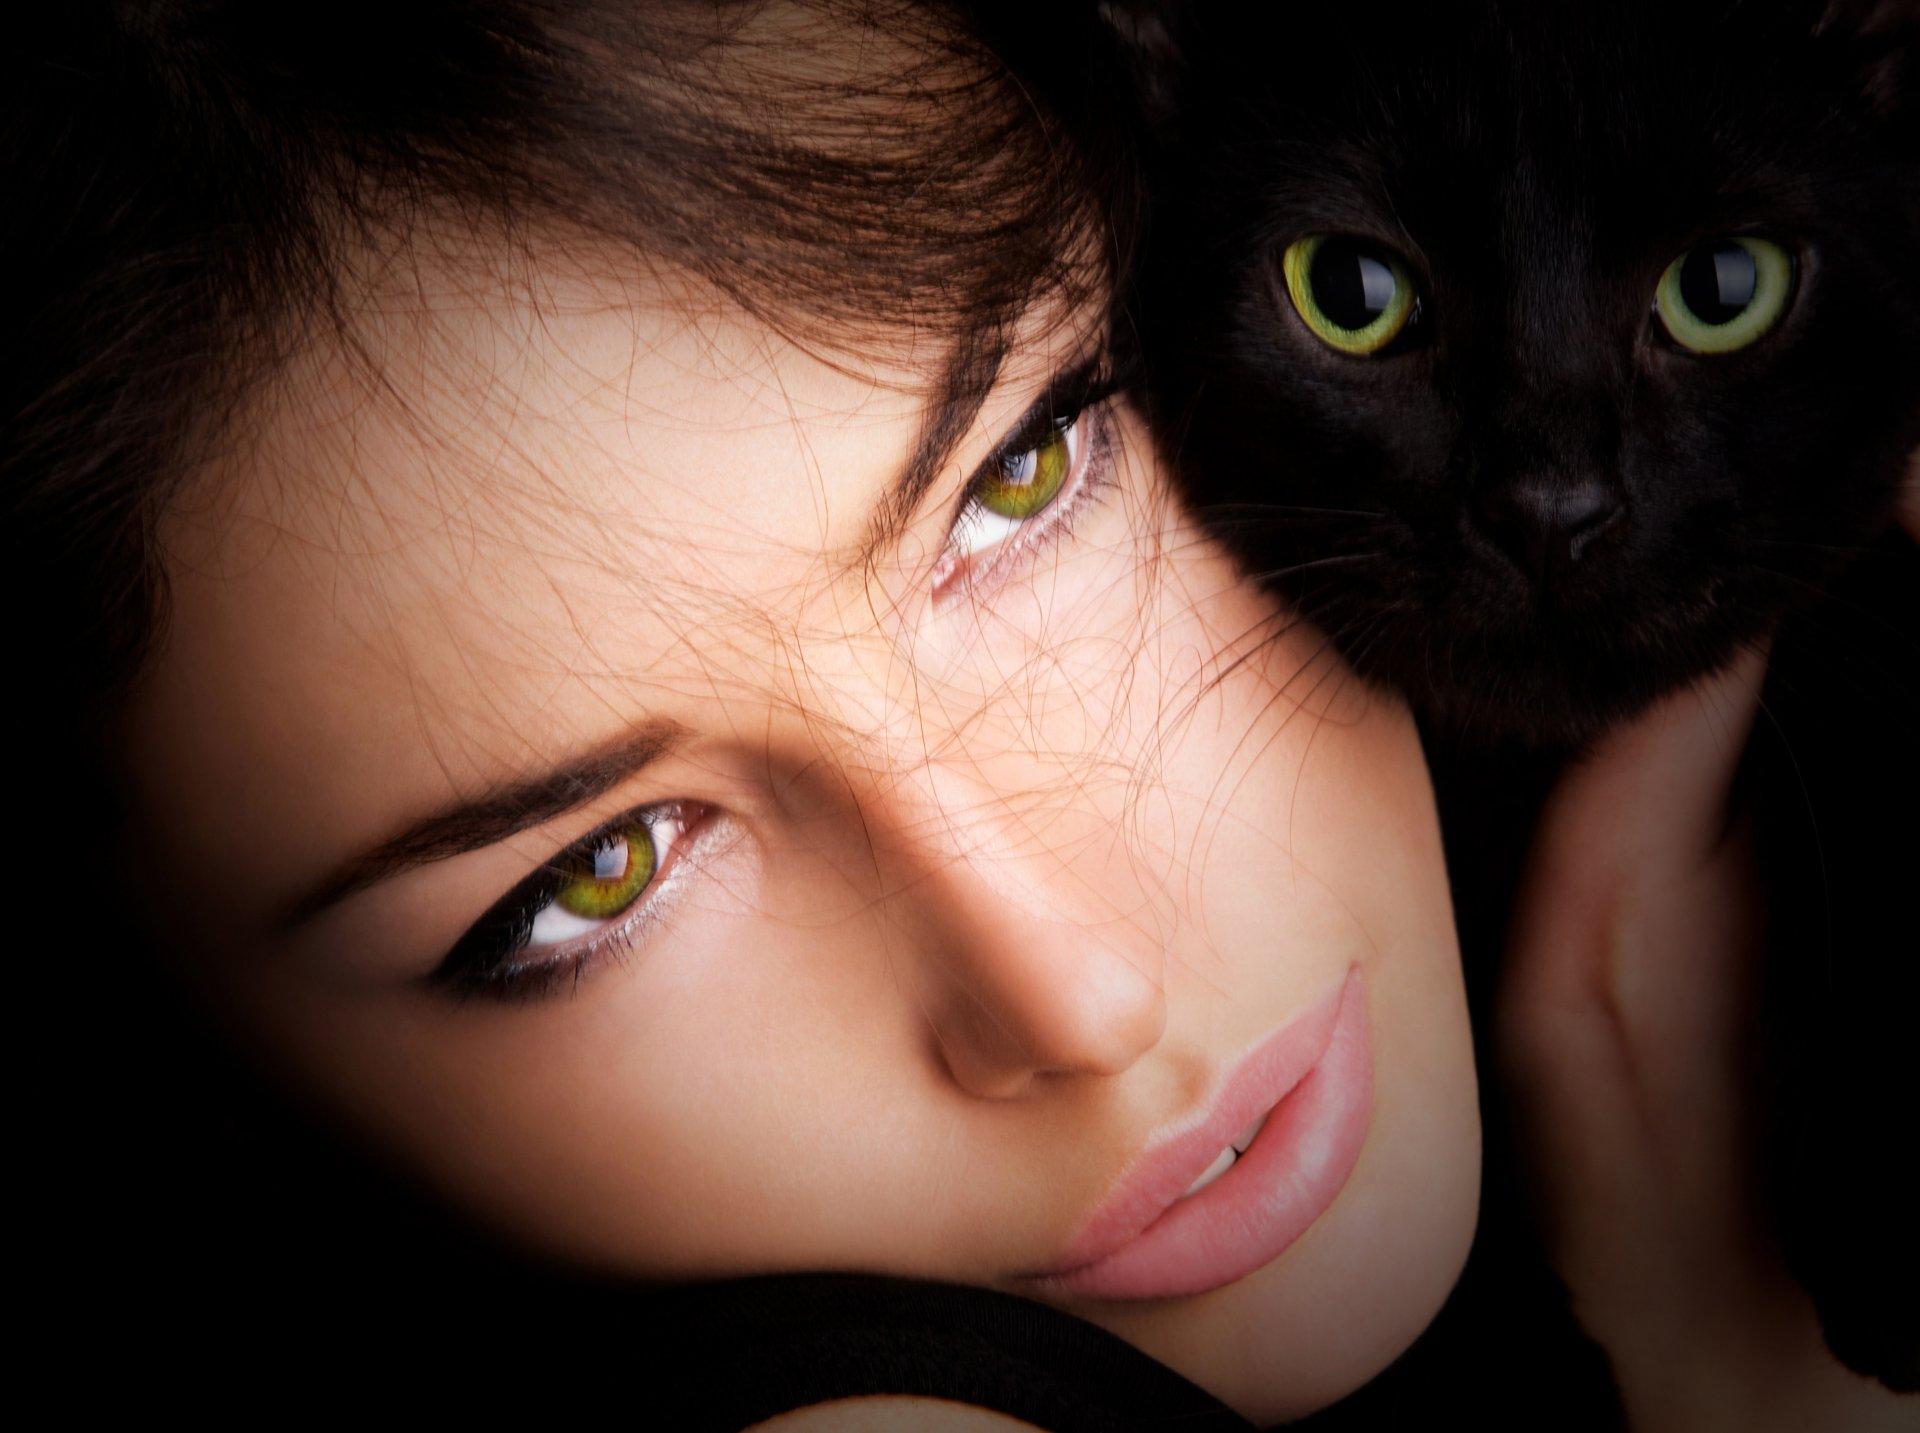 Кошачьи глаза у девушек фото